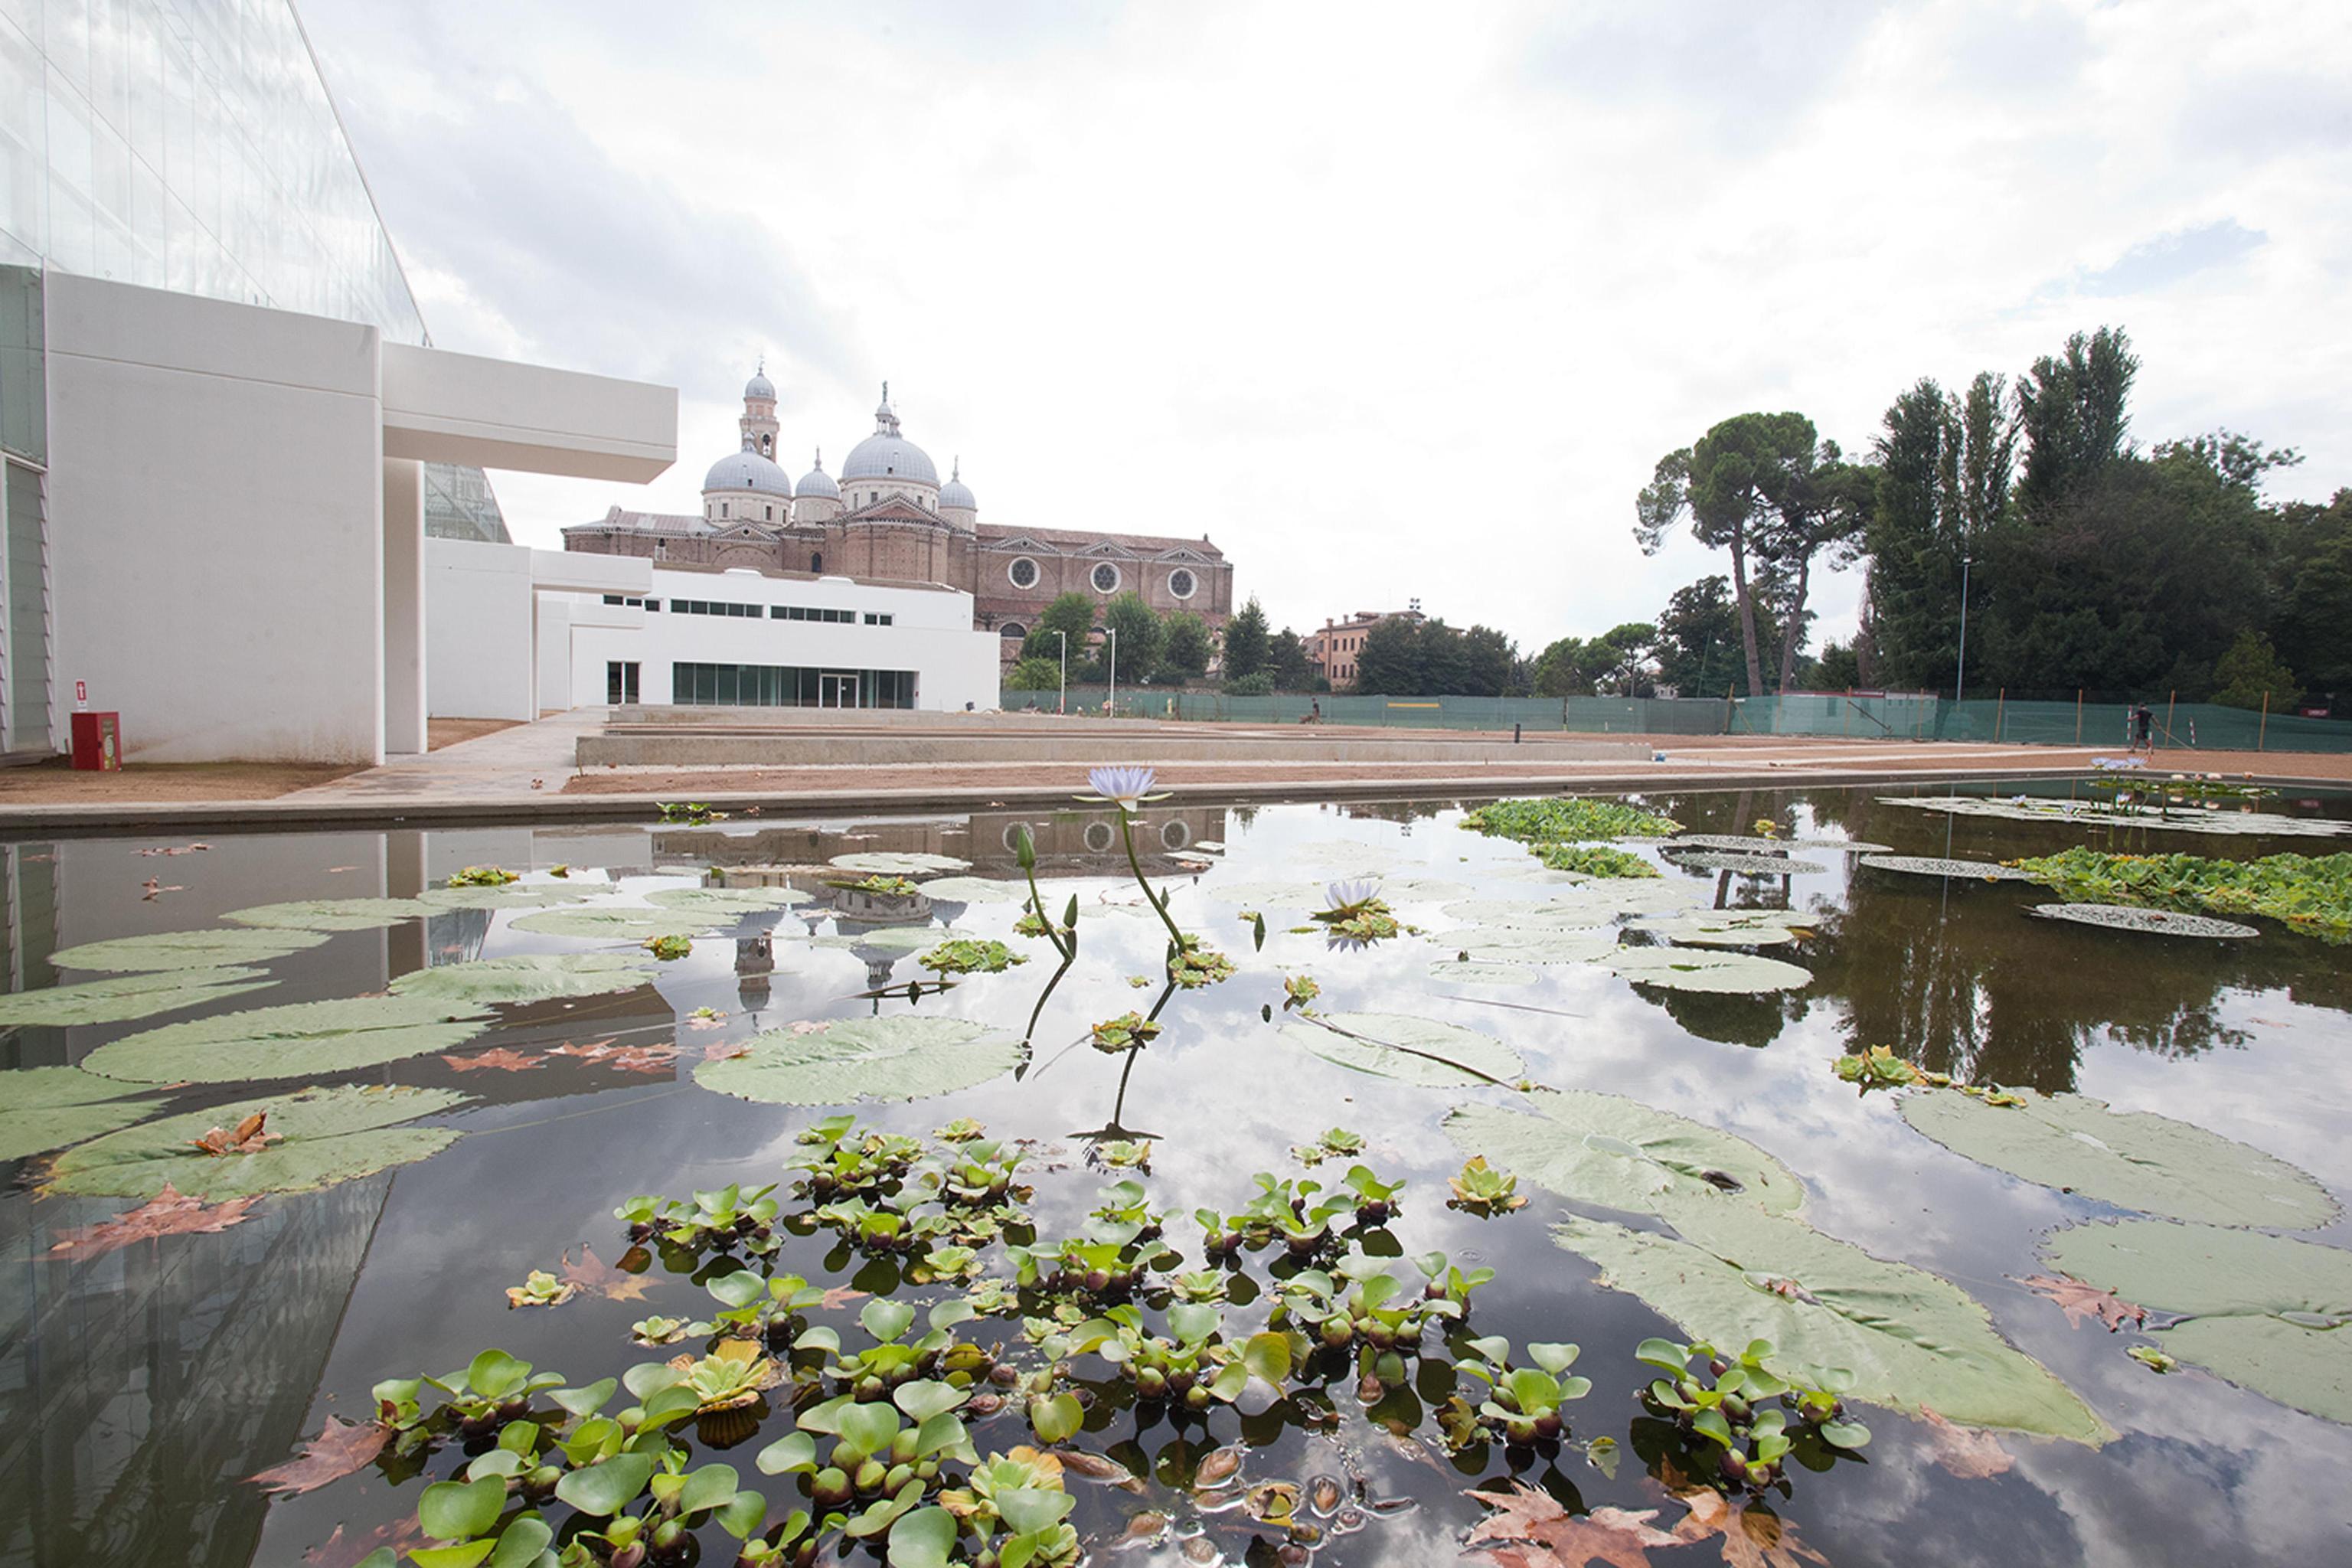 L'Orto botanico di Padova, patrimonio Unesco paradiso di biodiversità dal 1545